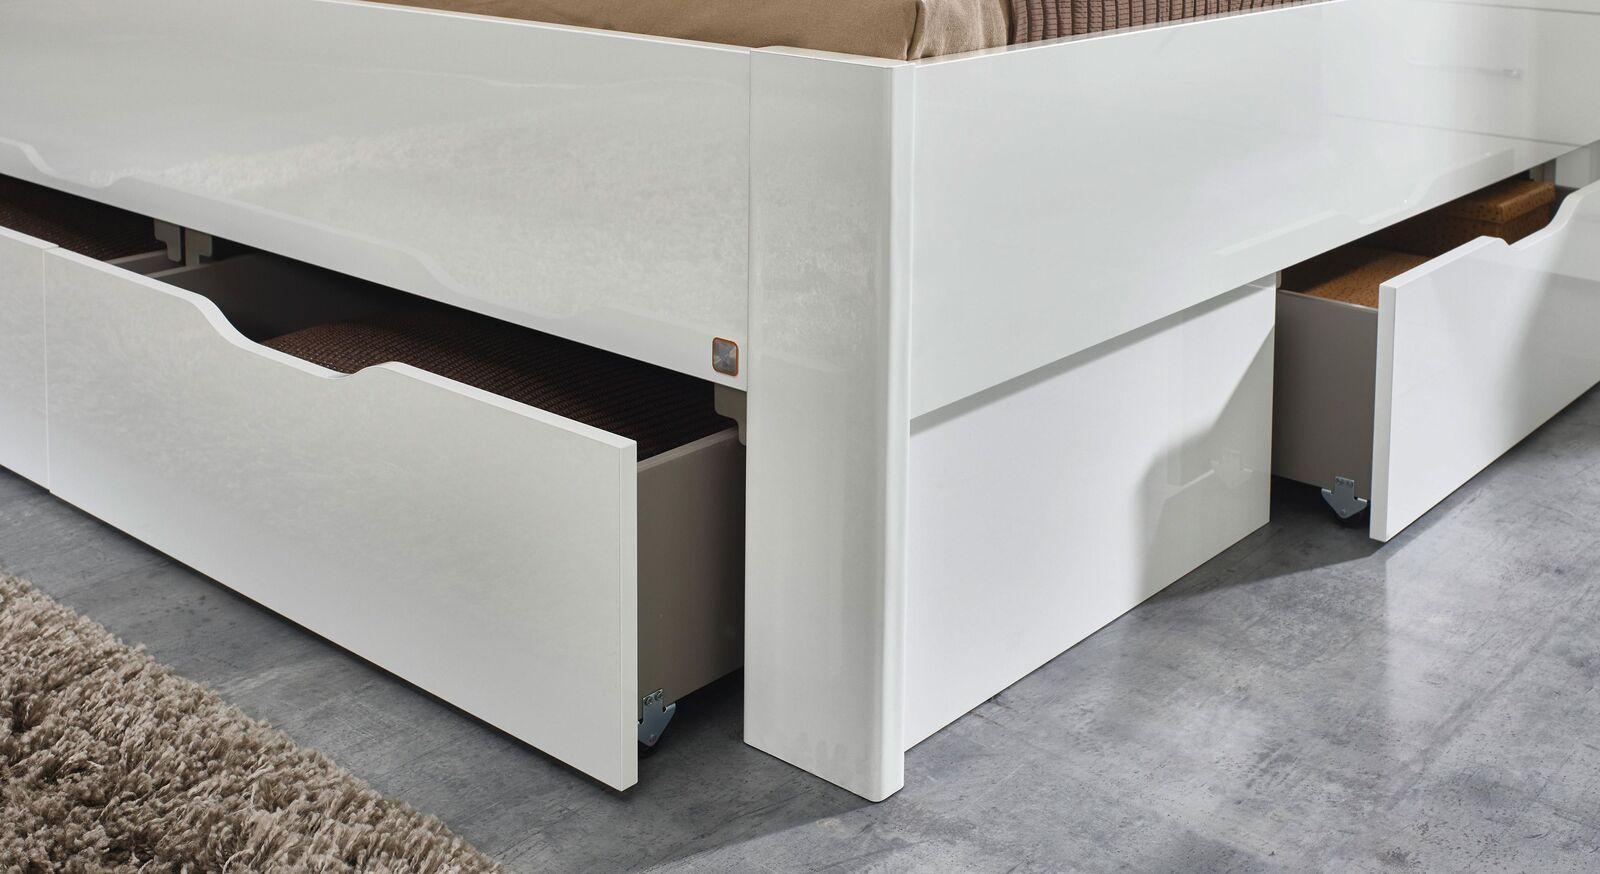 Schubkastenbett Siberio mit großen Schubladen